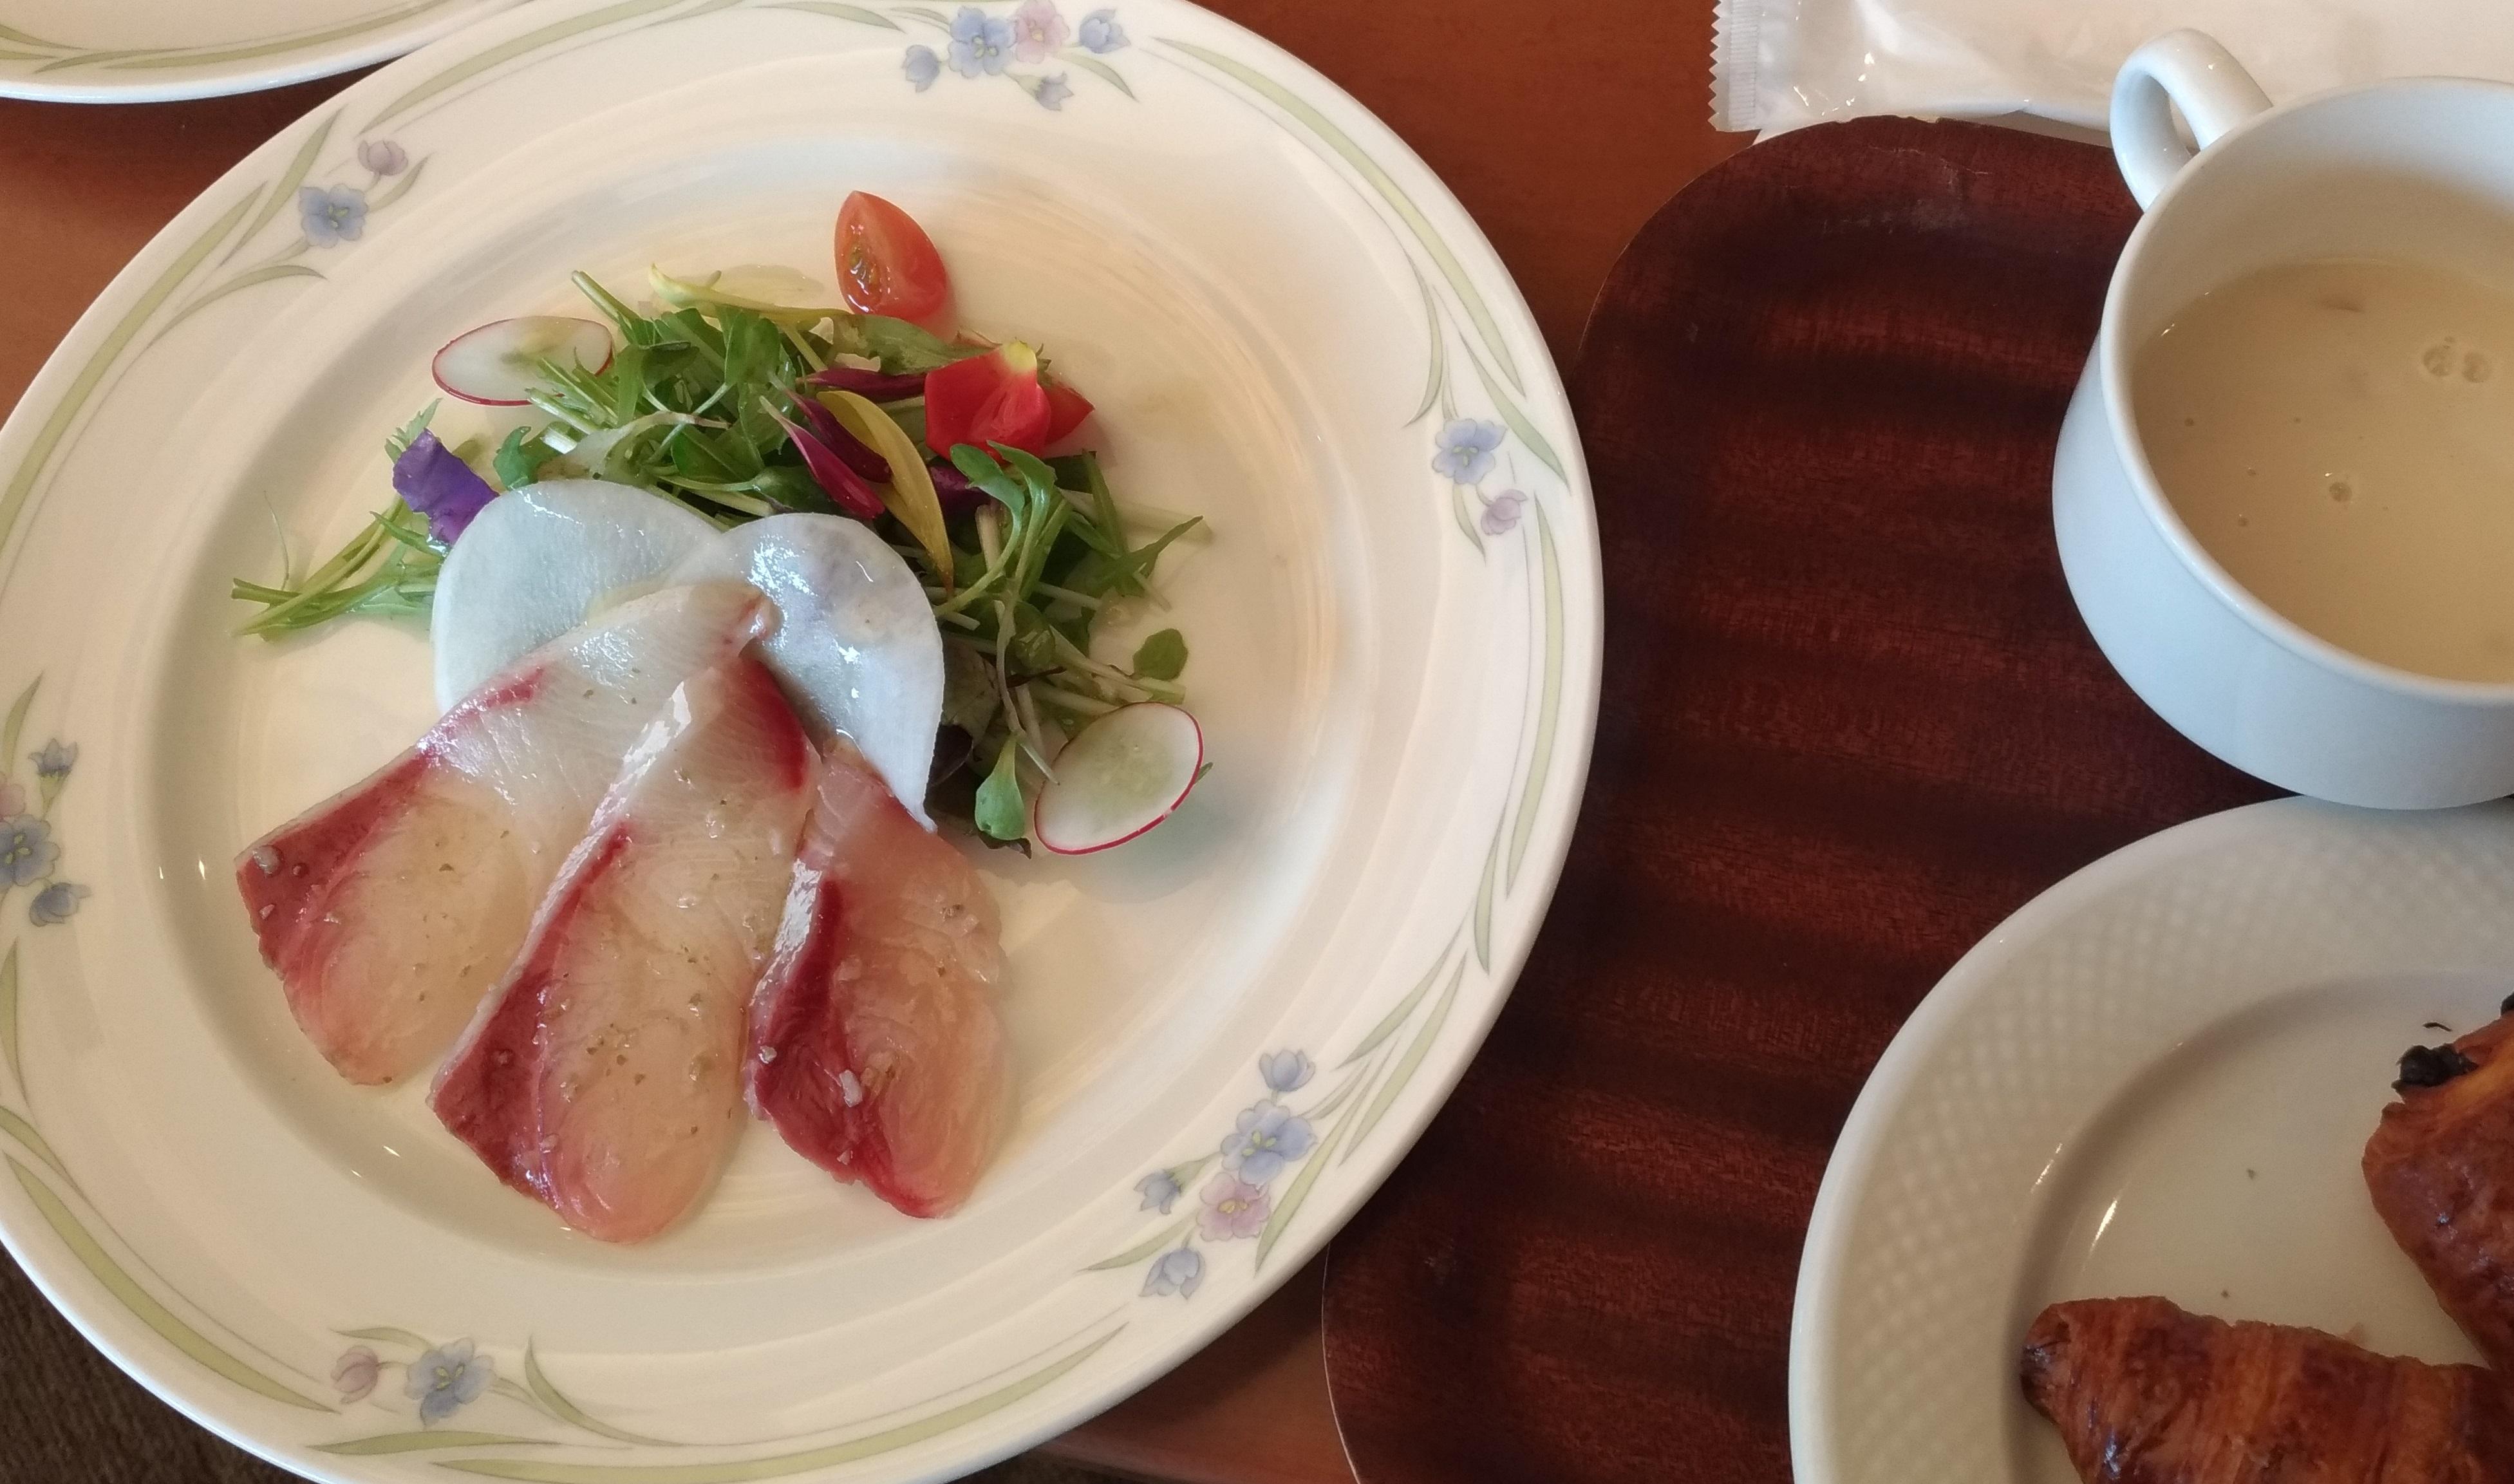 osaka_rihga_hotel_lunch_1.jpg